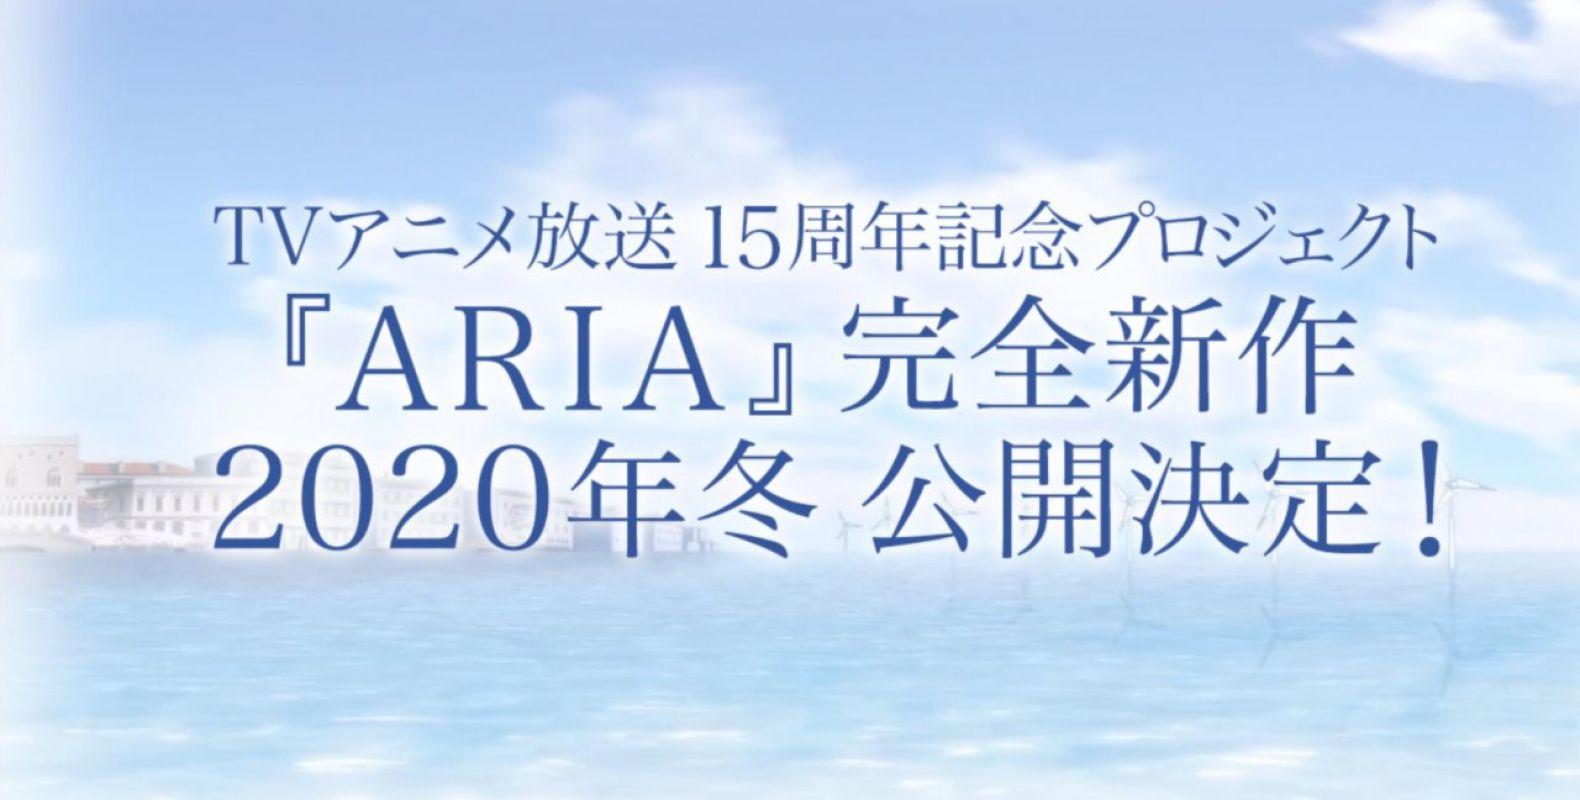 Un nouveau projet animé pour le manga Aria !